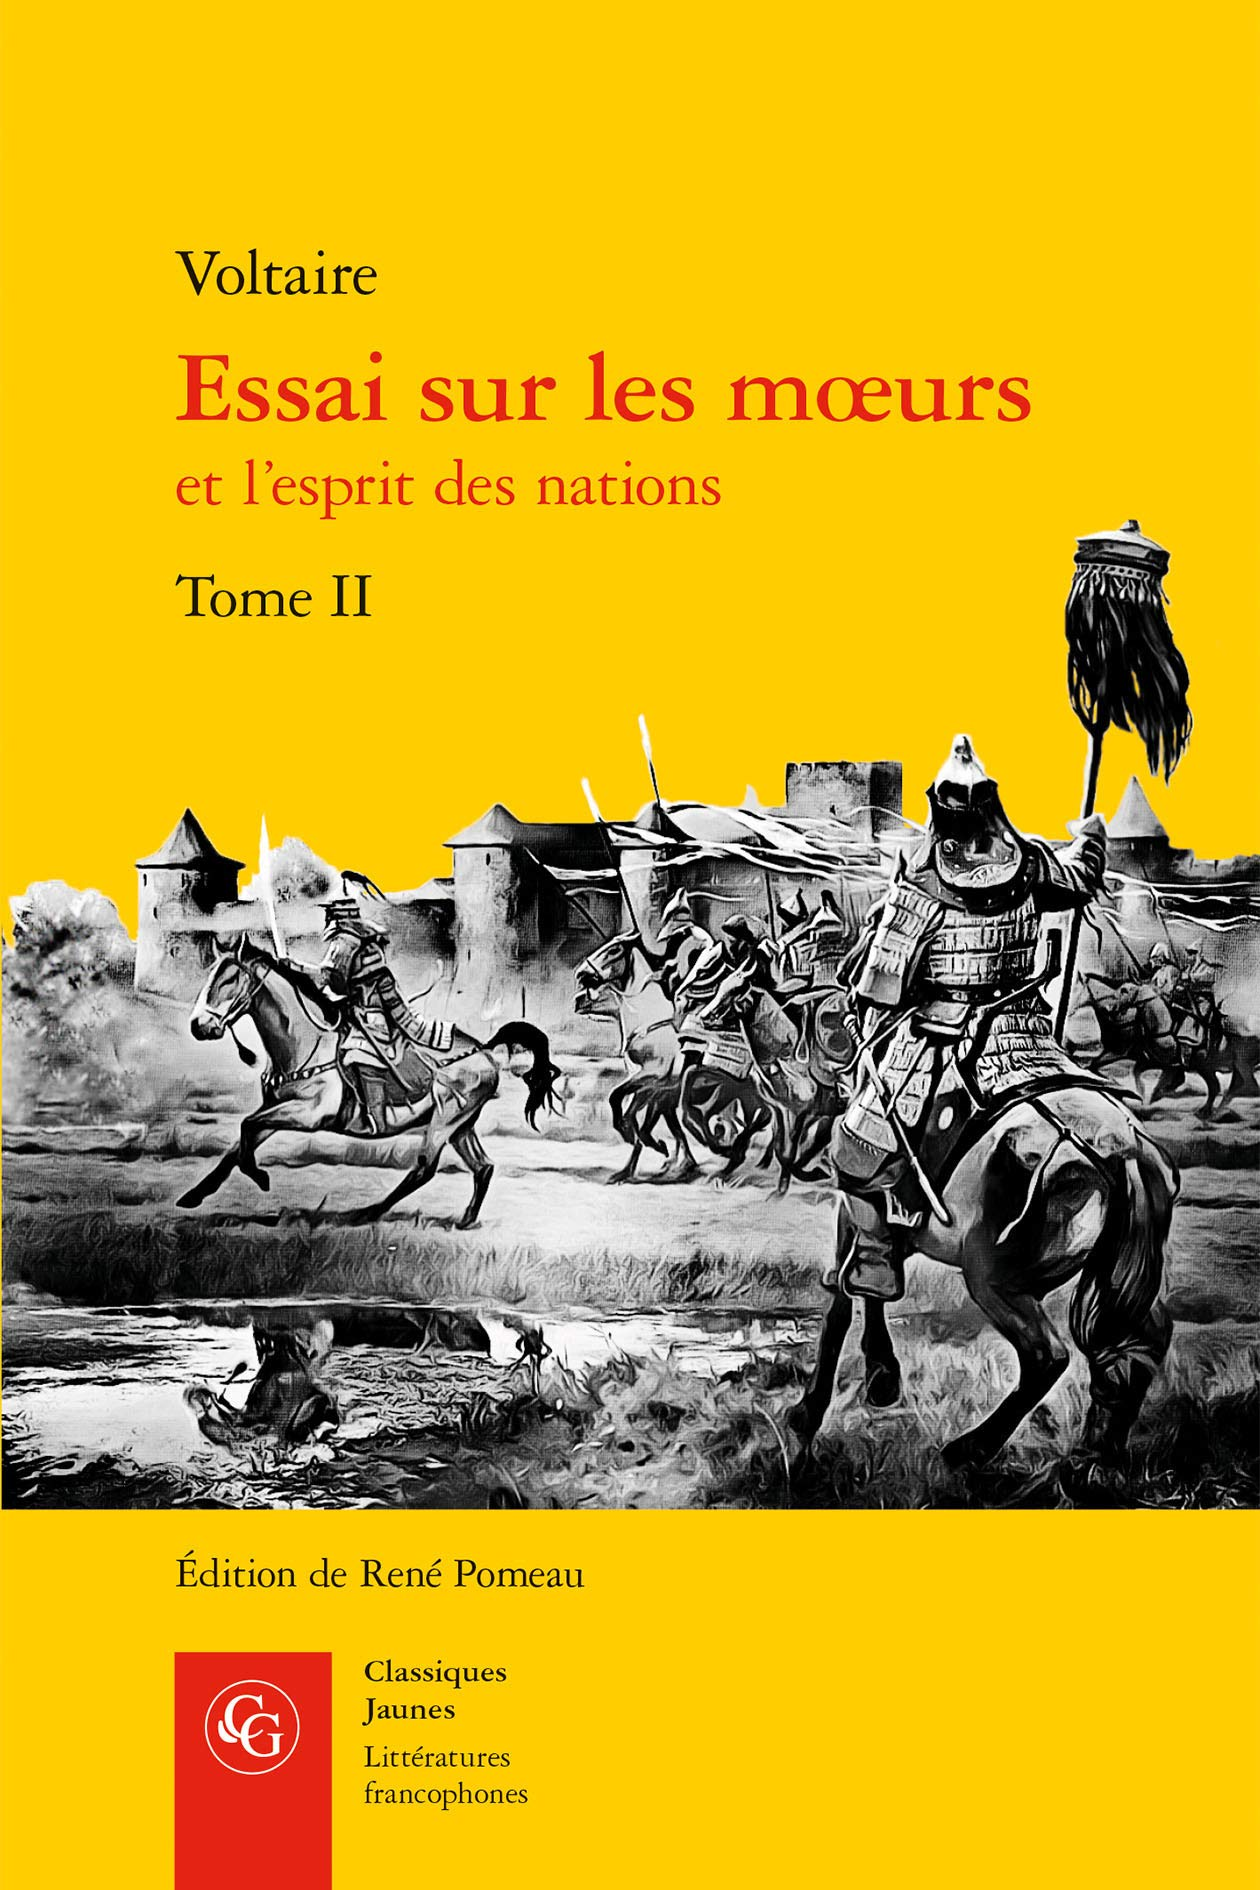 EODE-BOOKS - Voltaire. L'esprit des nations (2020 11 15) FR